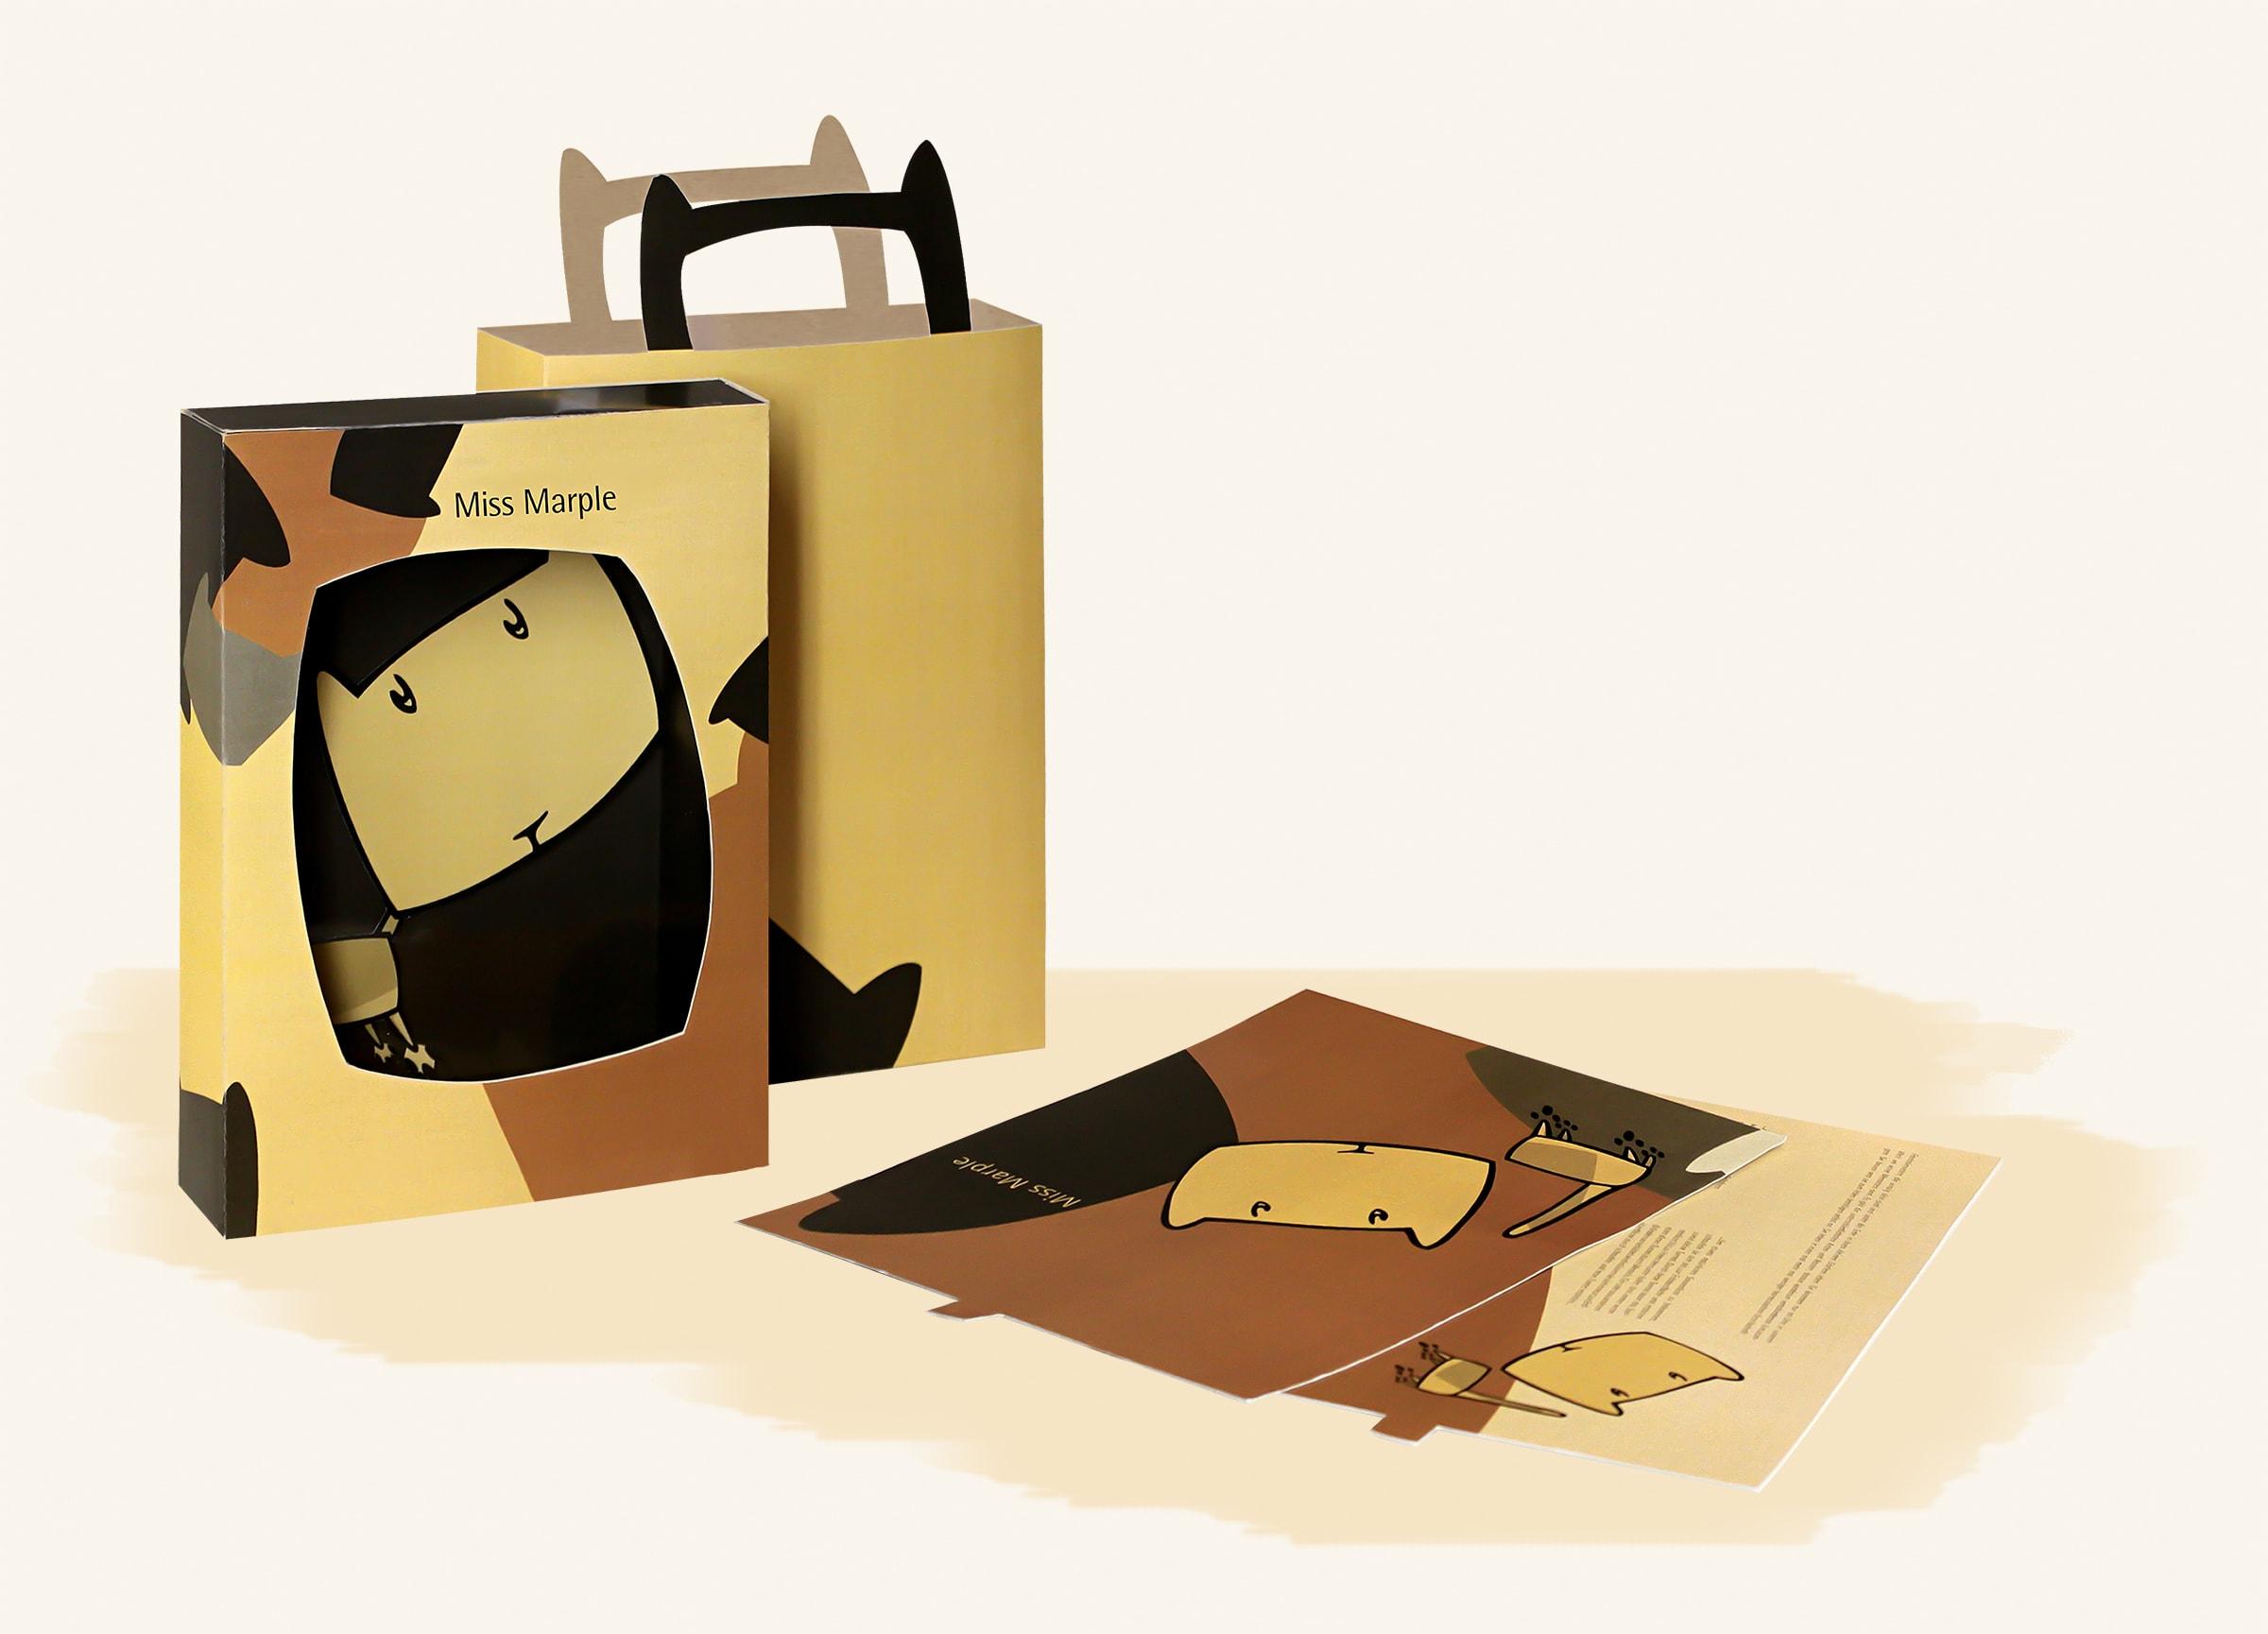 Packaging Design für The Littles, ein Eigenprojekt der Designagentur mieker - Konzept Design Strategie. Verpackungsdesign für Miss Marple. Verpackungen, Beschreibungskarten, Werbetaschen